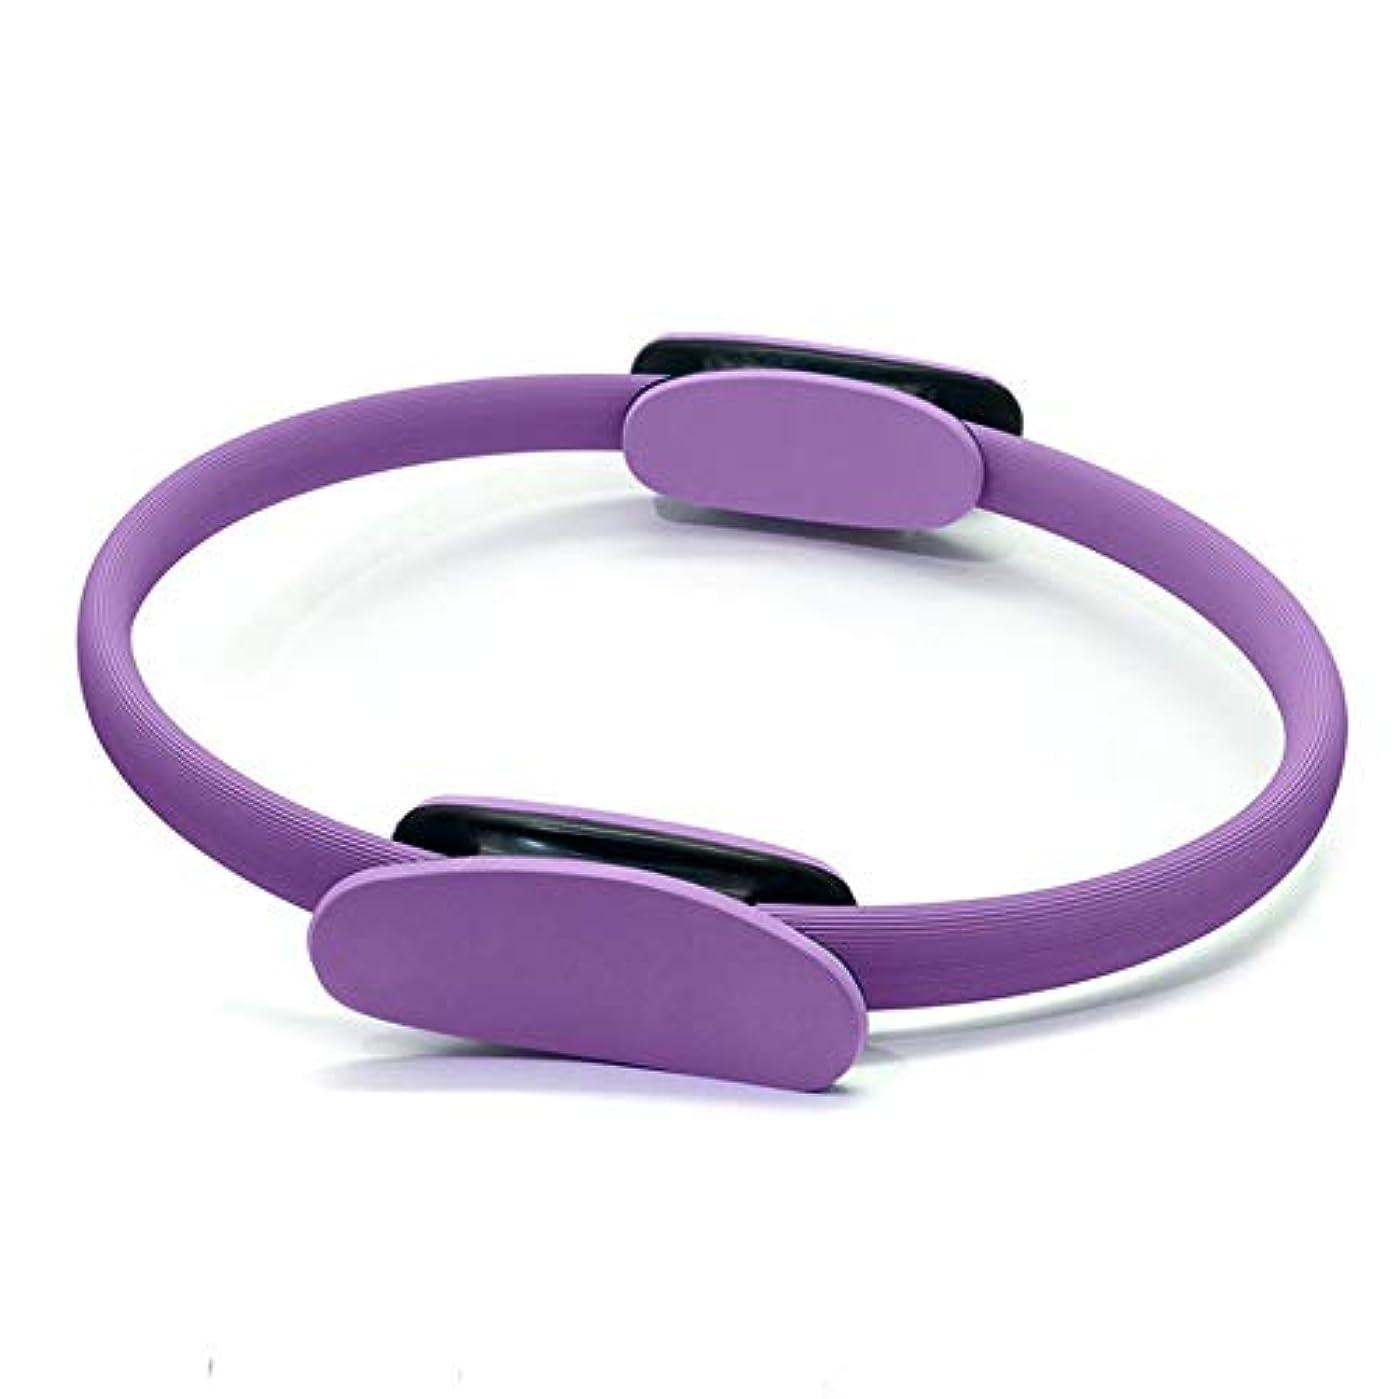 認証三十翻訳するポータブルサイズ38センチヨガレジスタンスリング軽量痩身マジックサークル太もも抵抗レジスタンスヨガリングトレーニングツール(Color:purple)